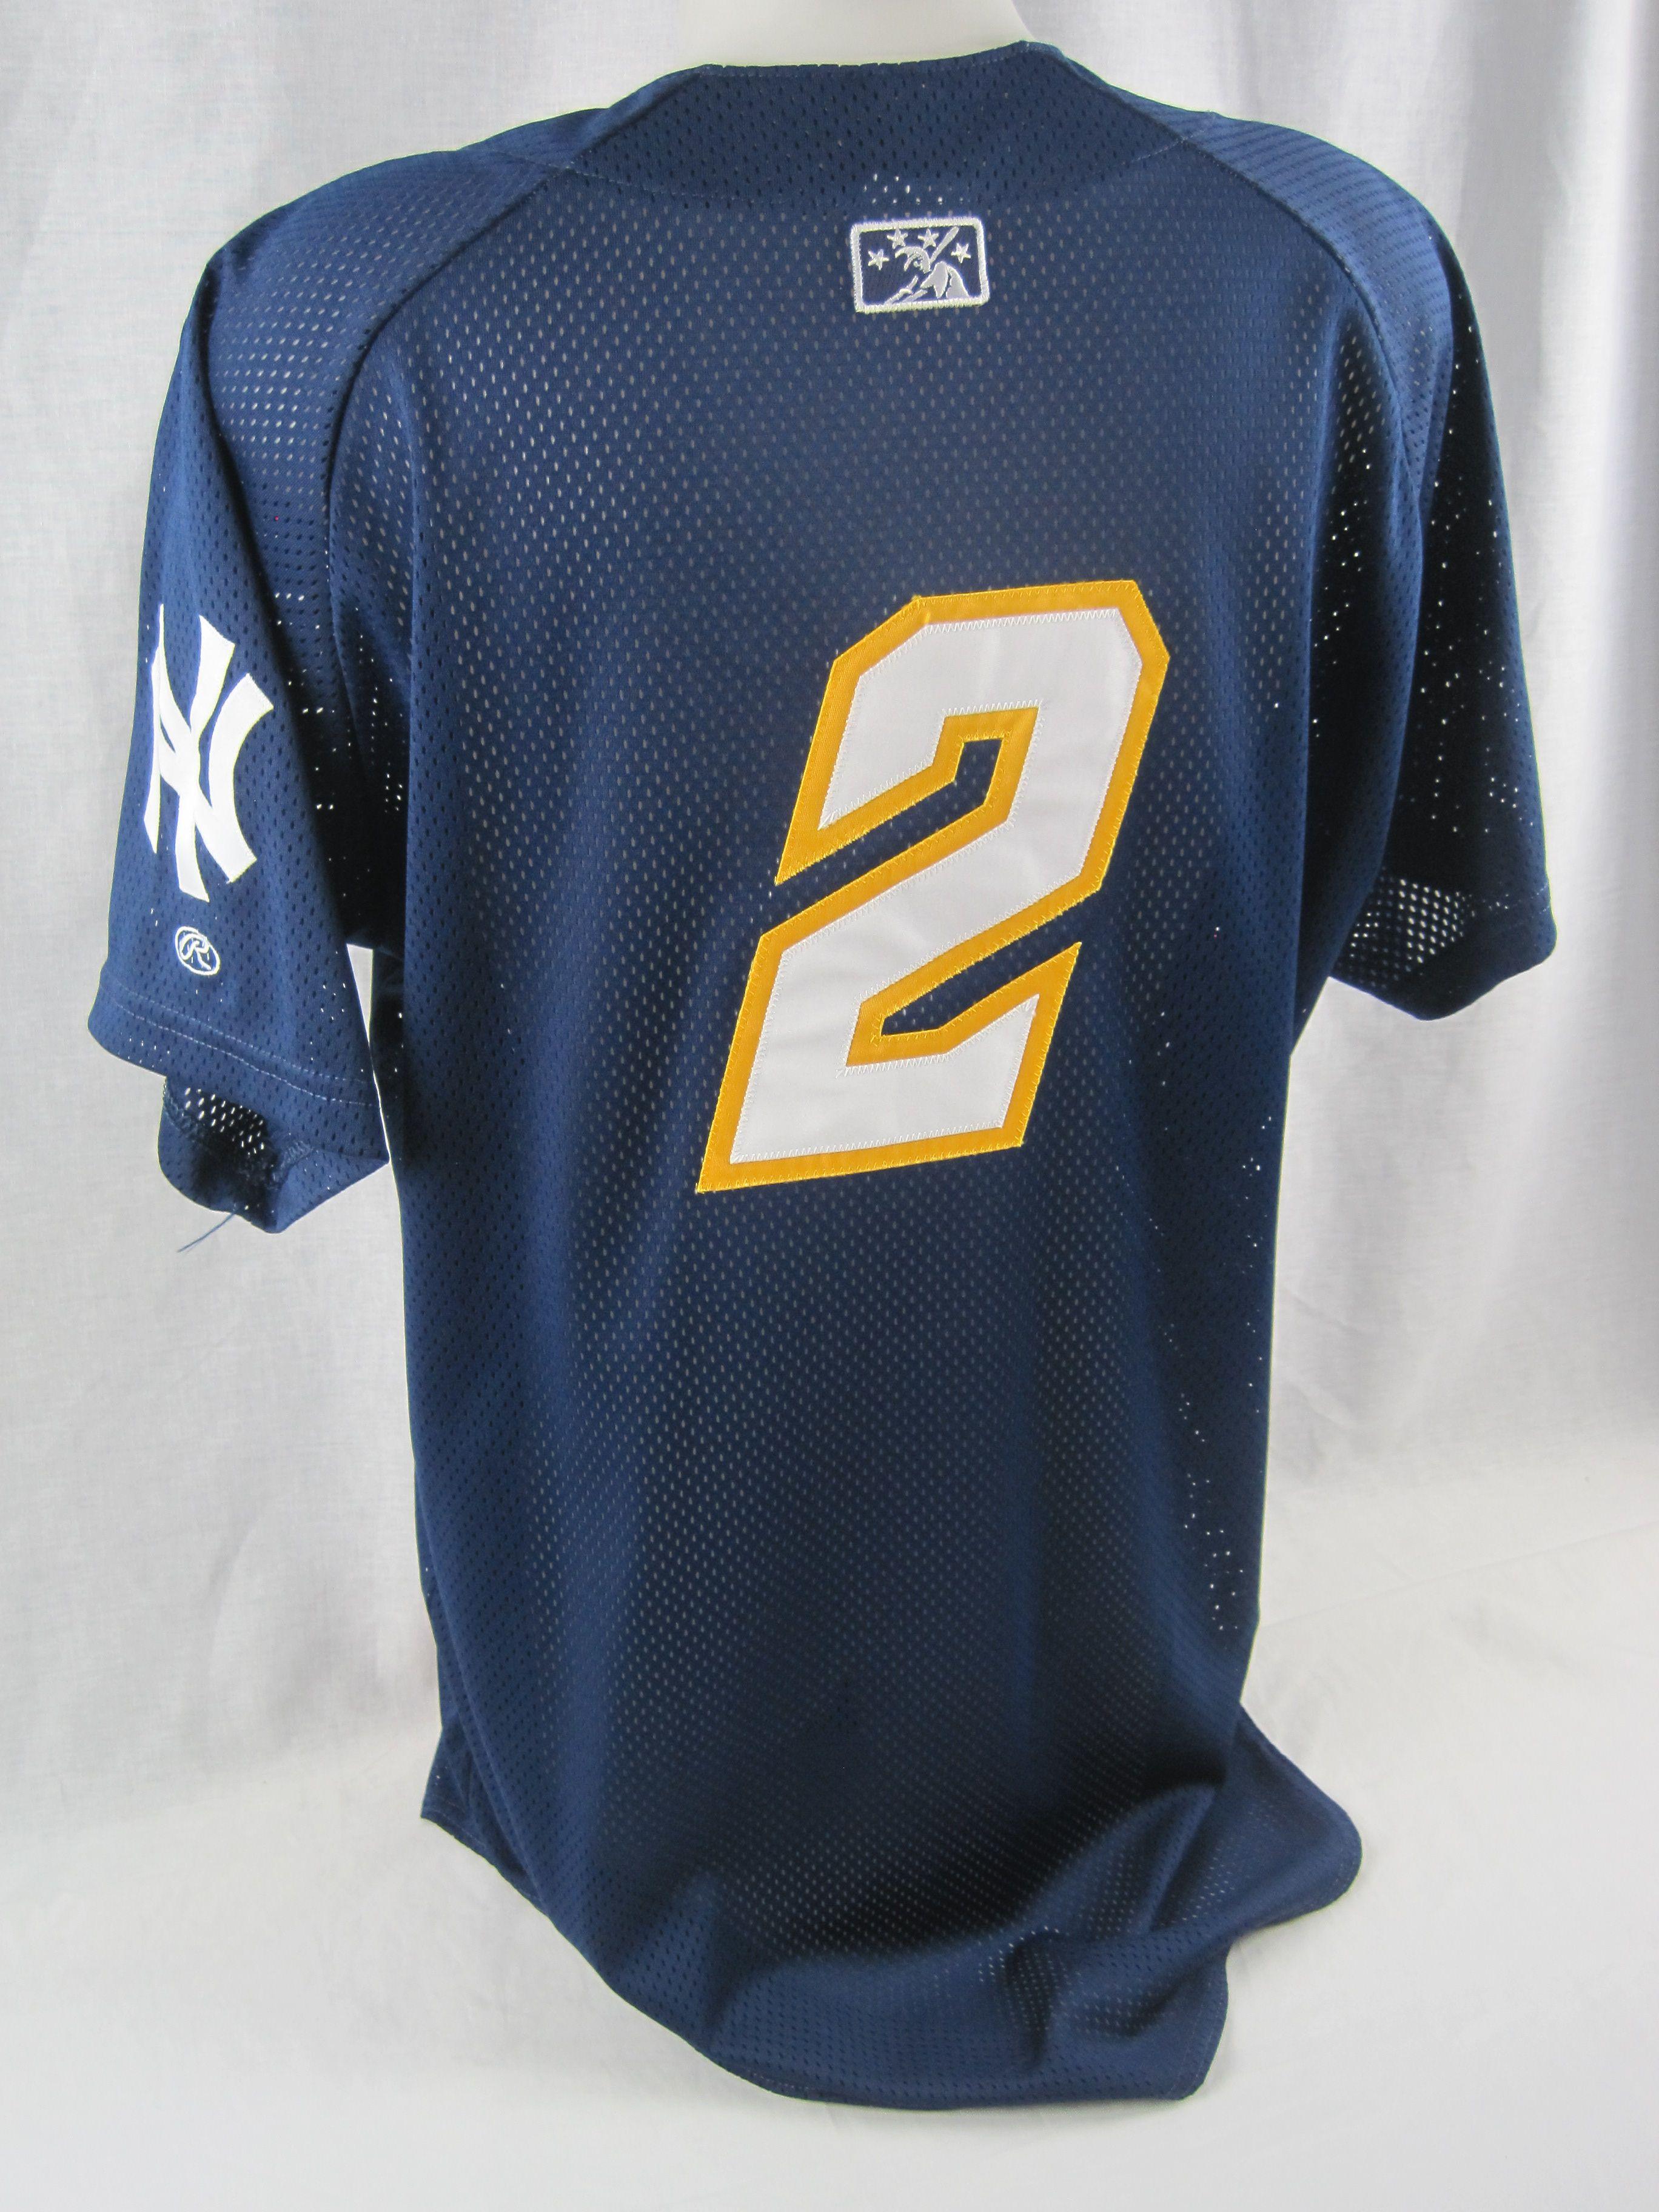 ... Derek Jeter July 2nd   3rd 2011 Worn Trenton Thunder Batting Practice  Jersey   Hat w ... a99bc70b479